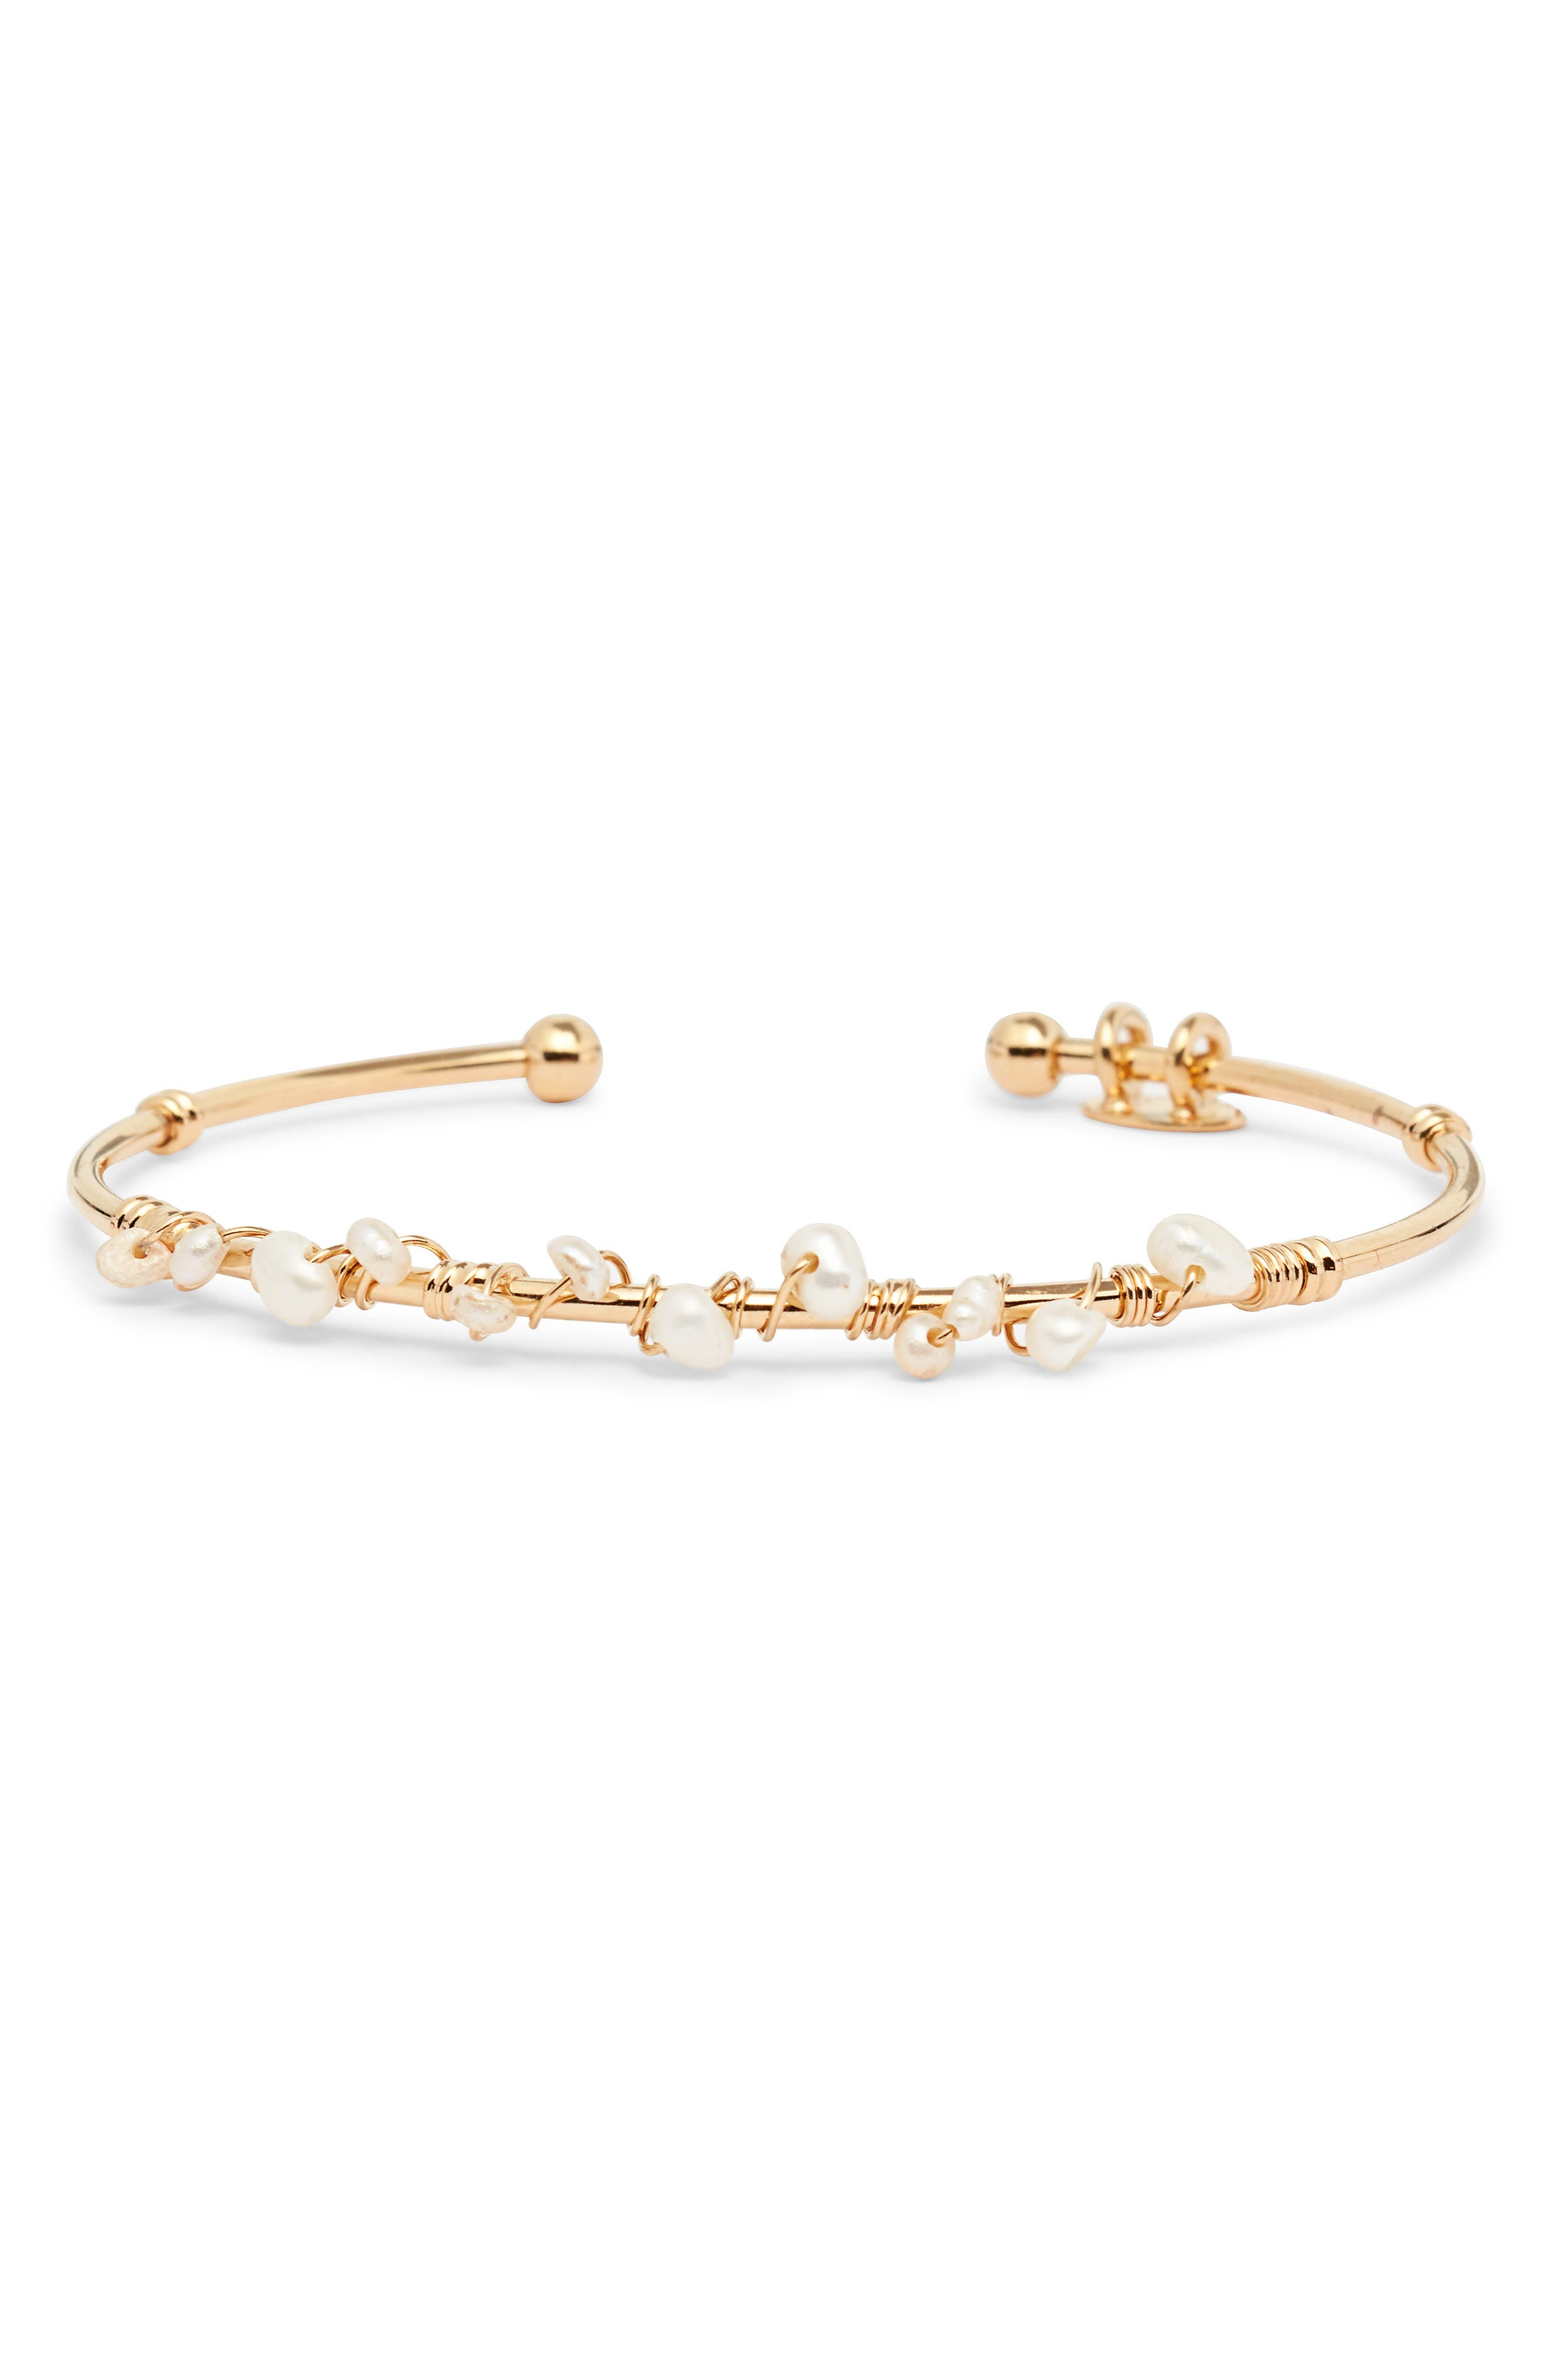 GAS BIJOUX Calliope Cuff Bracelet in White/ Gold